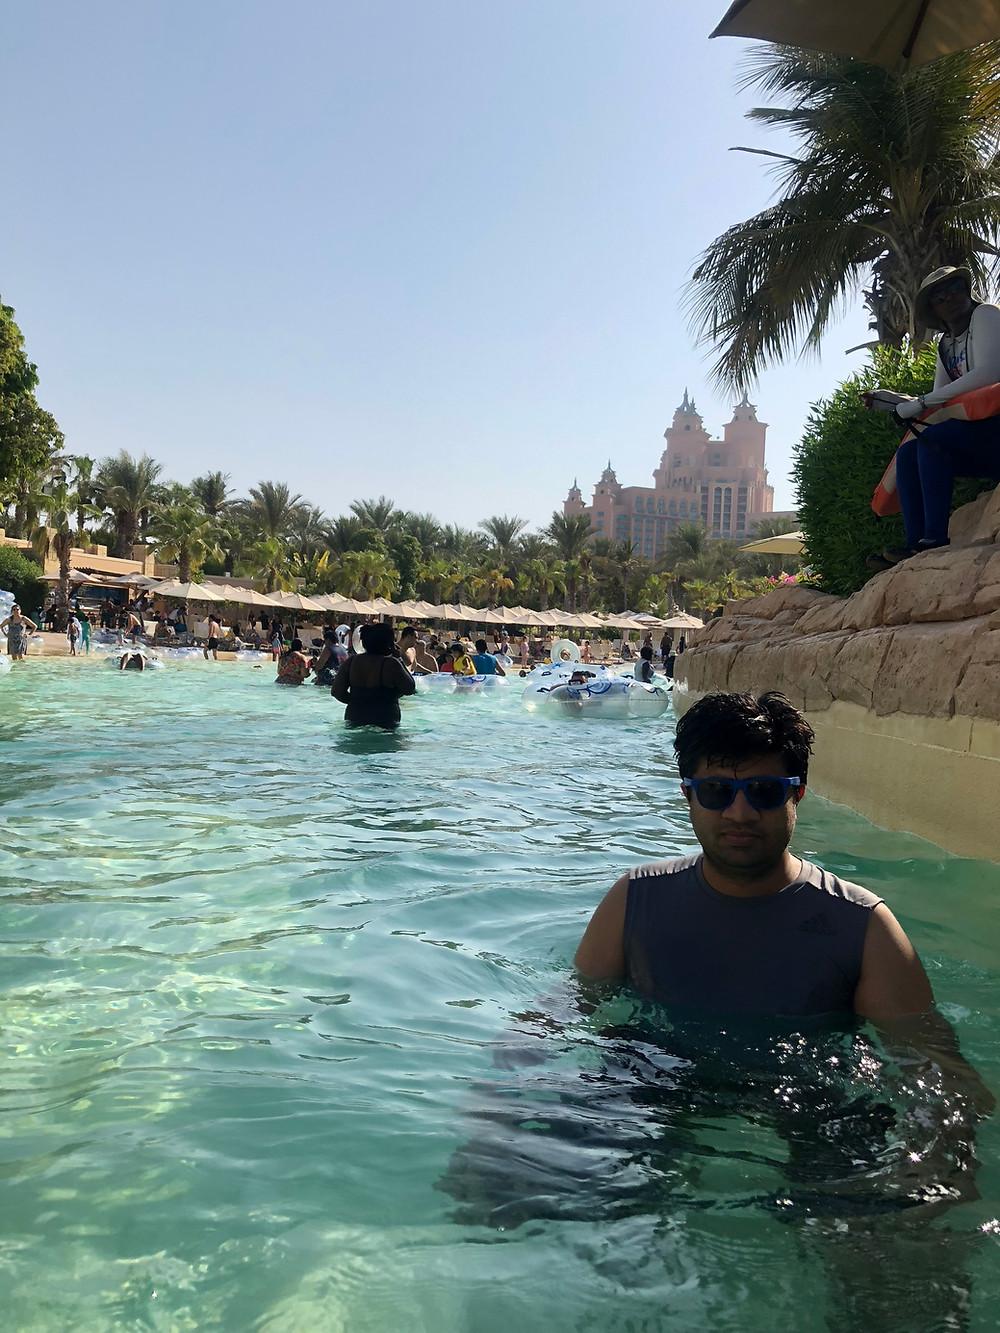 Aqua Adventure Park in Atlantis The Palm, Dubai